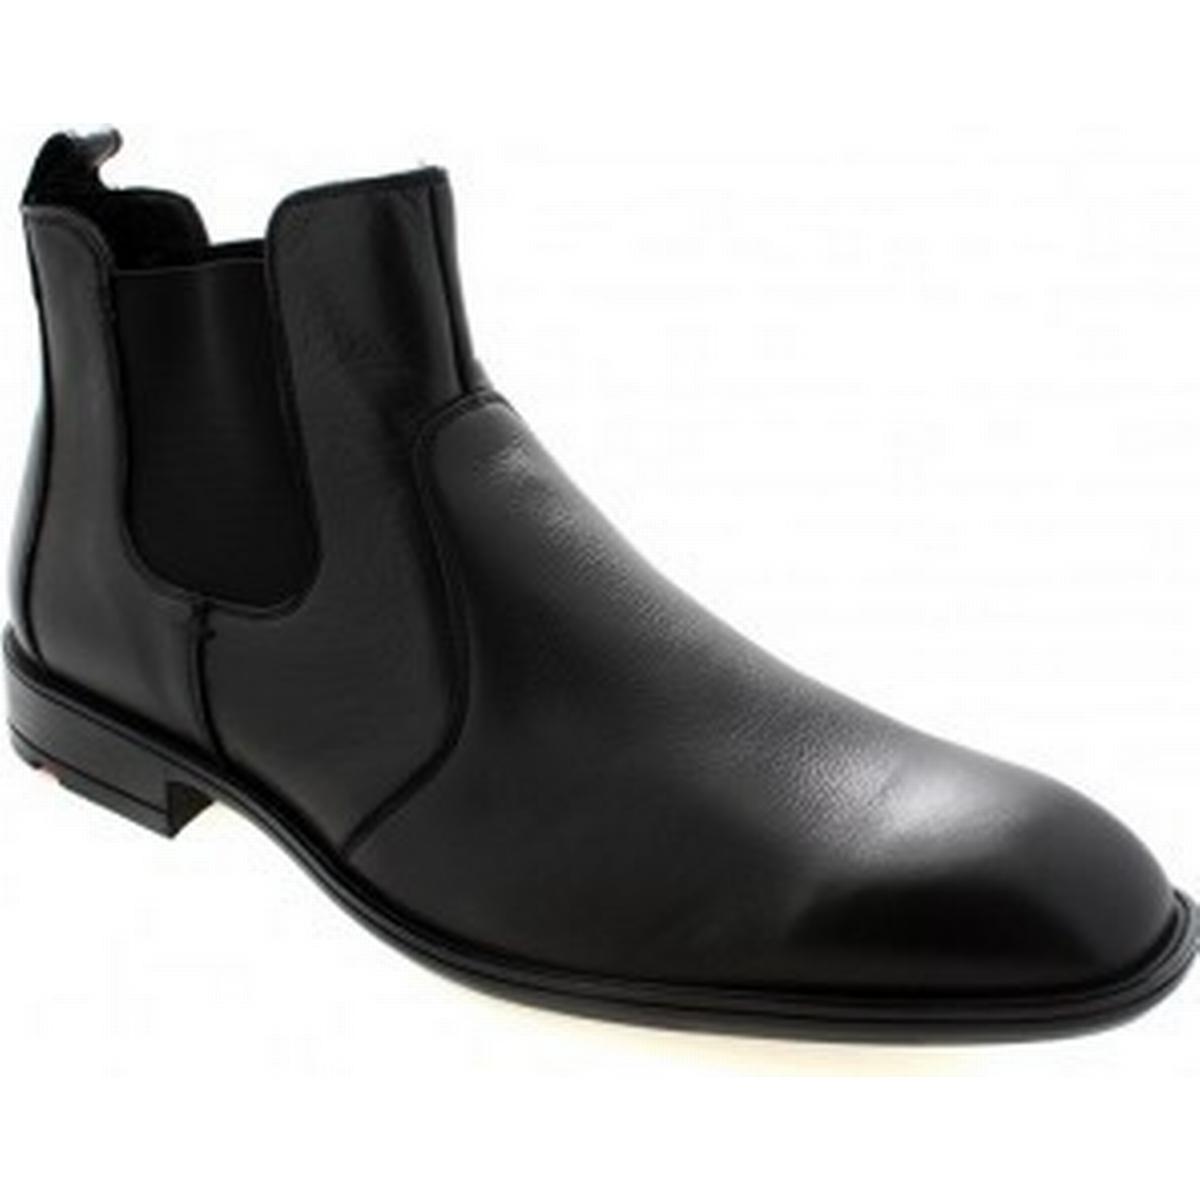 58485167c3e LLOYD Støvler - Sammenlign priser hos PriceRunner